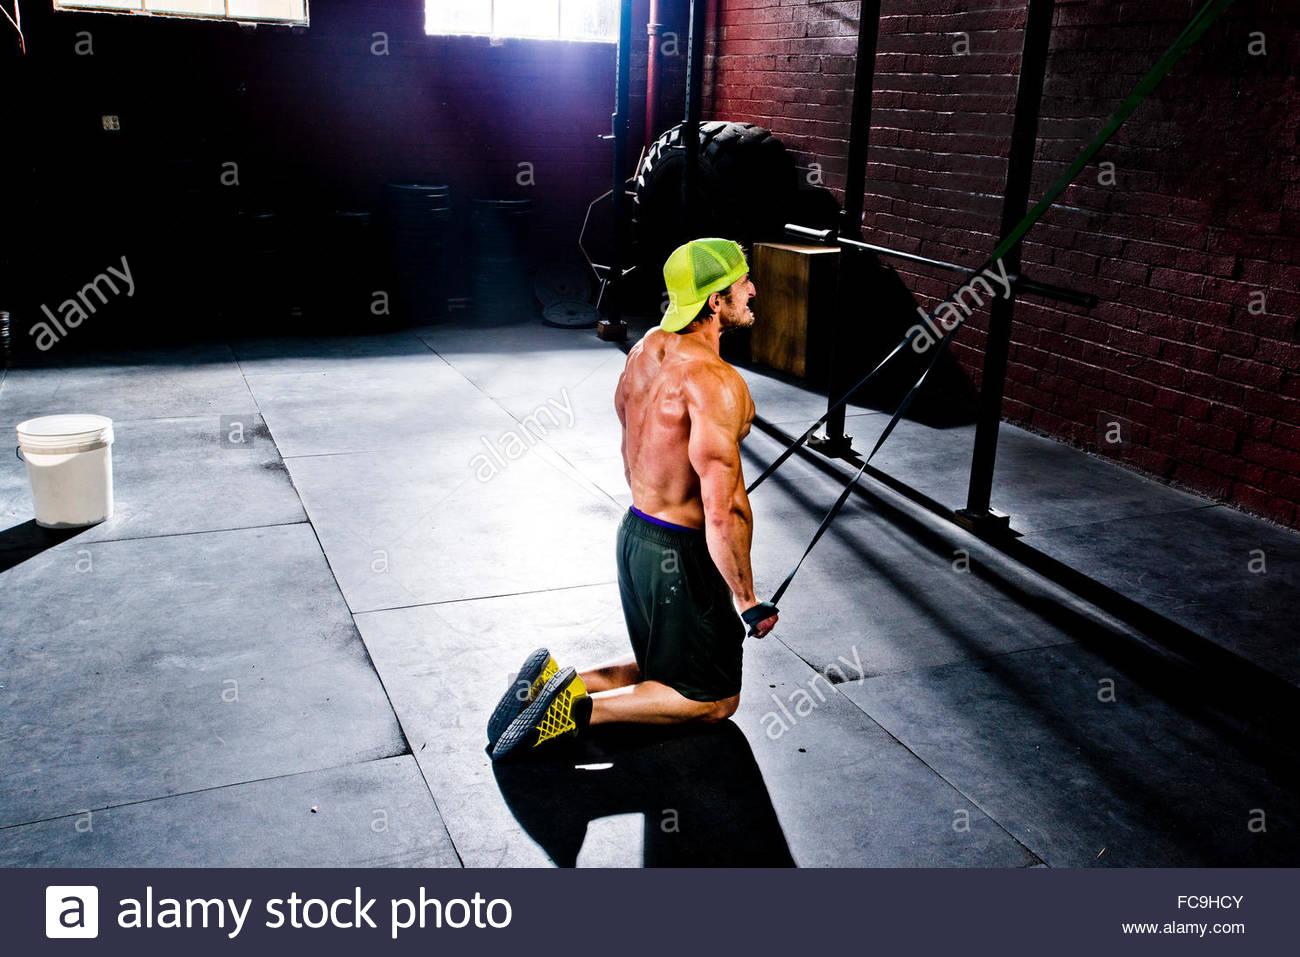 Ein Sportler der Crossfit Workouts mit Widerstandsbänder. Stockbild